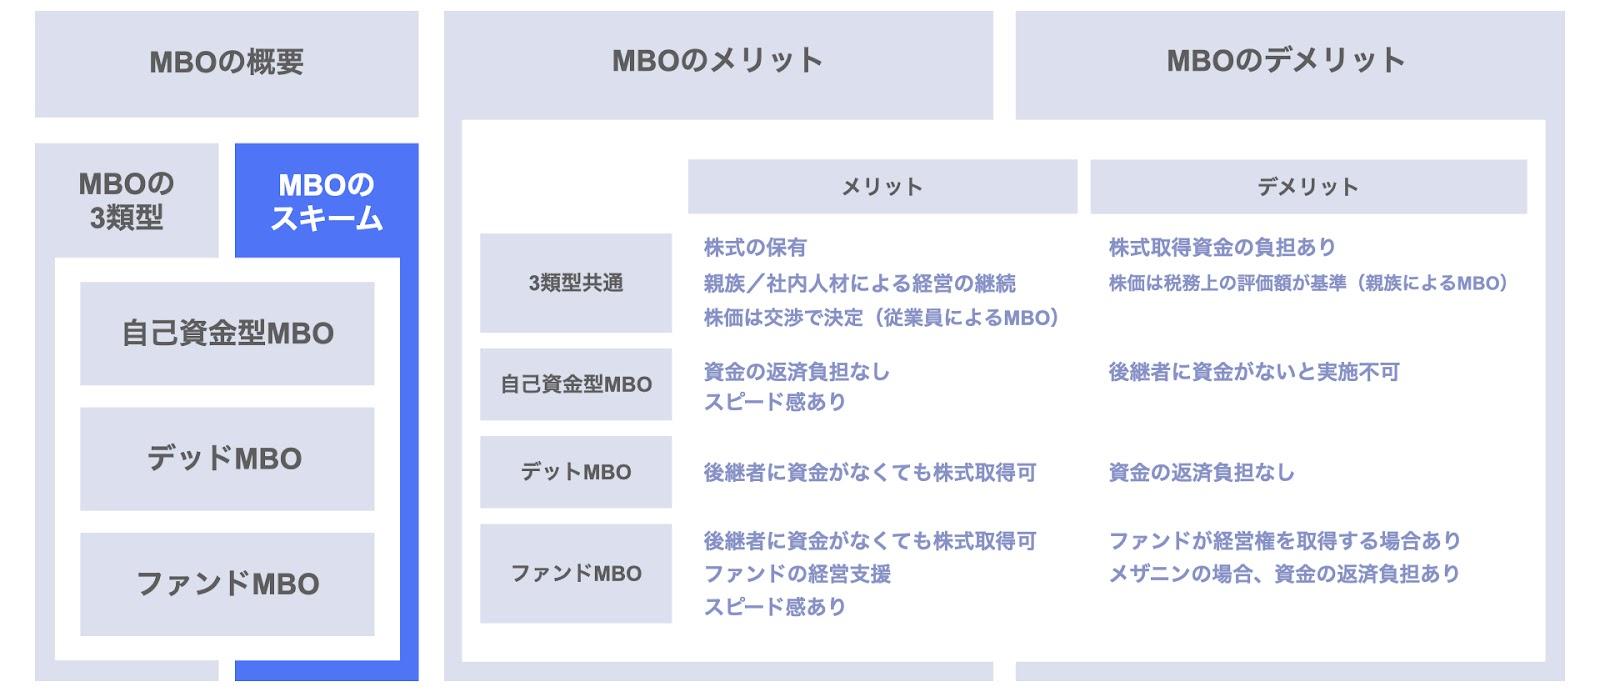 MBOのスキーム